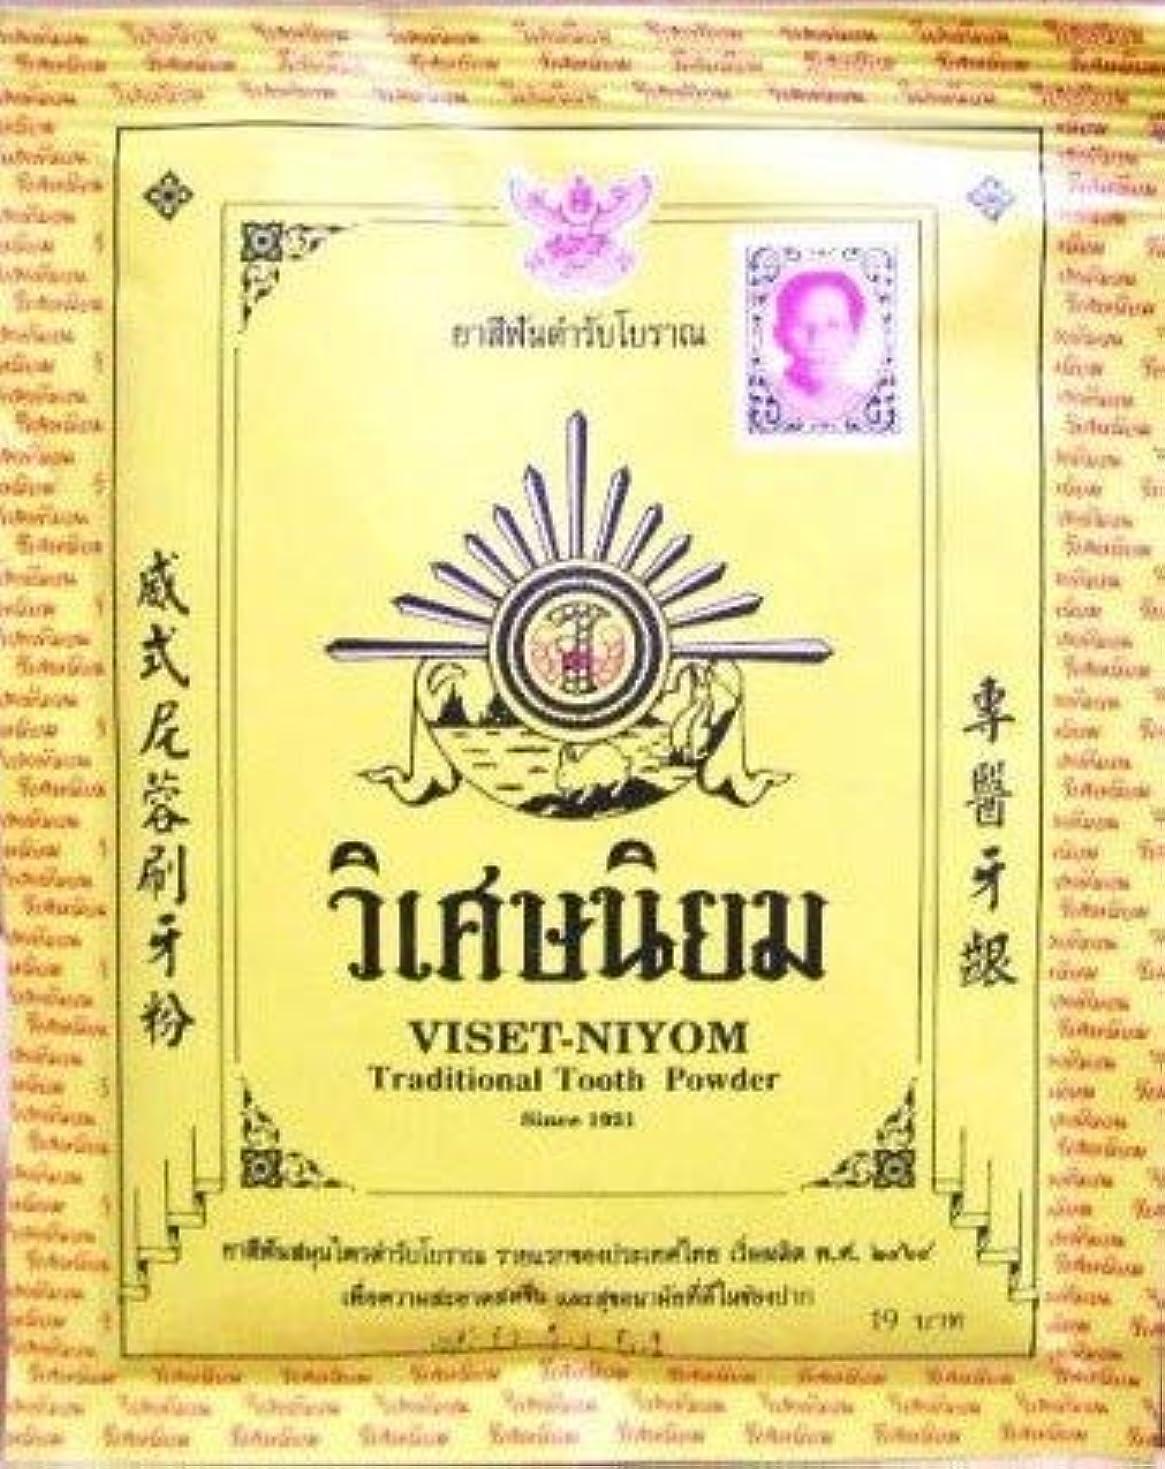 ポジションアルミニウムサイズNi Yom Thai shop Viset Niyom Thailand Traditional Herbal Toothpaste Powder Reduce Plaque 40g pack of 3